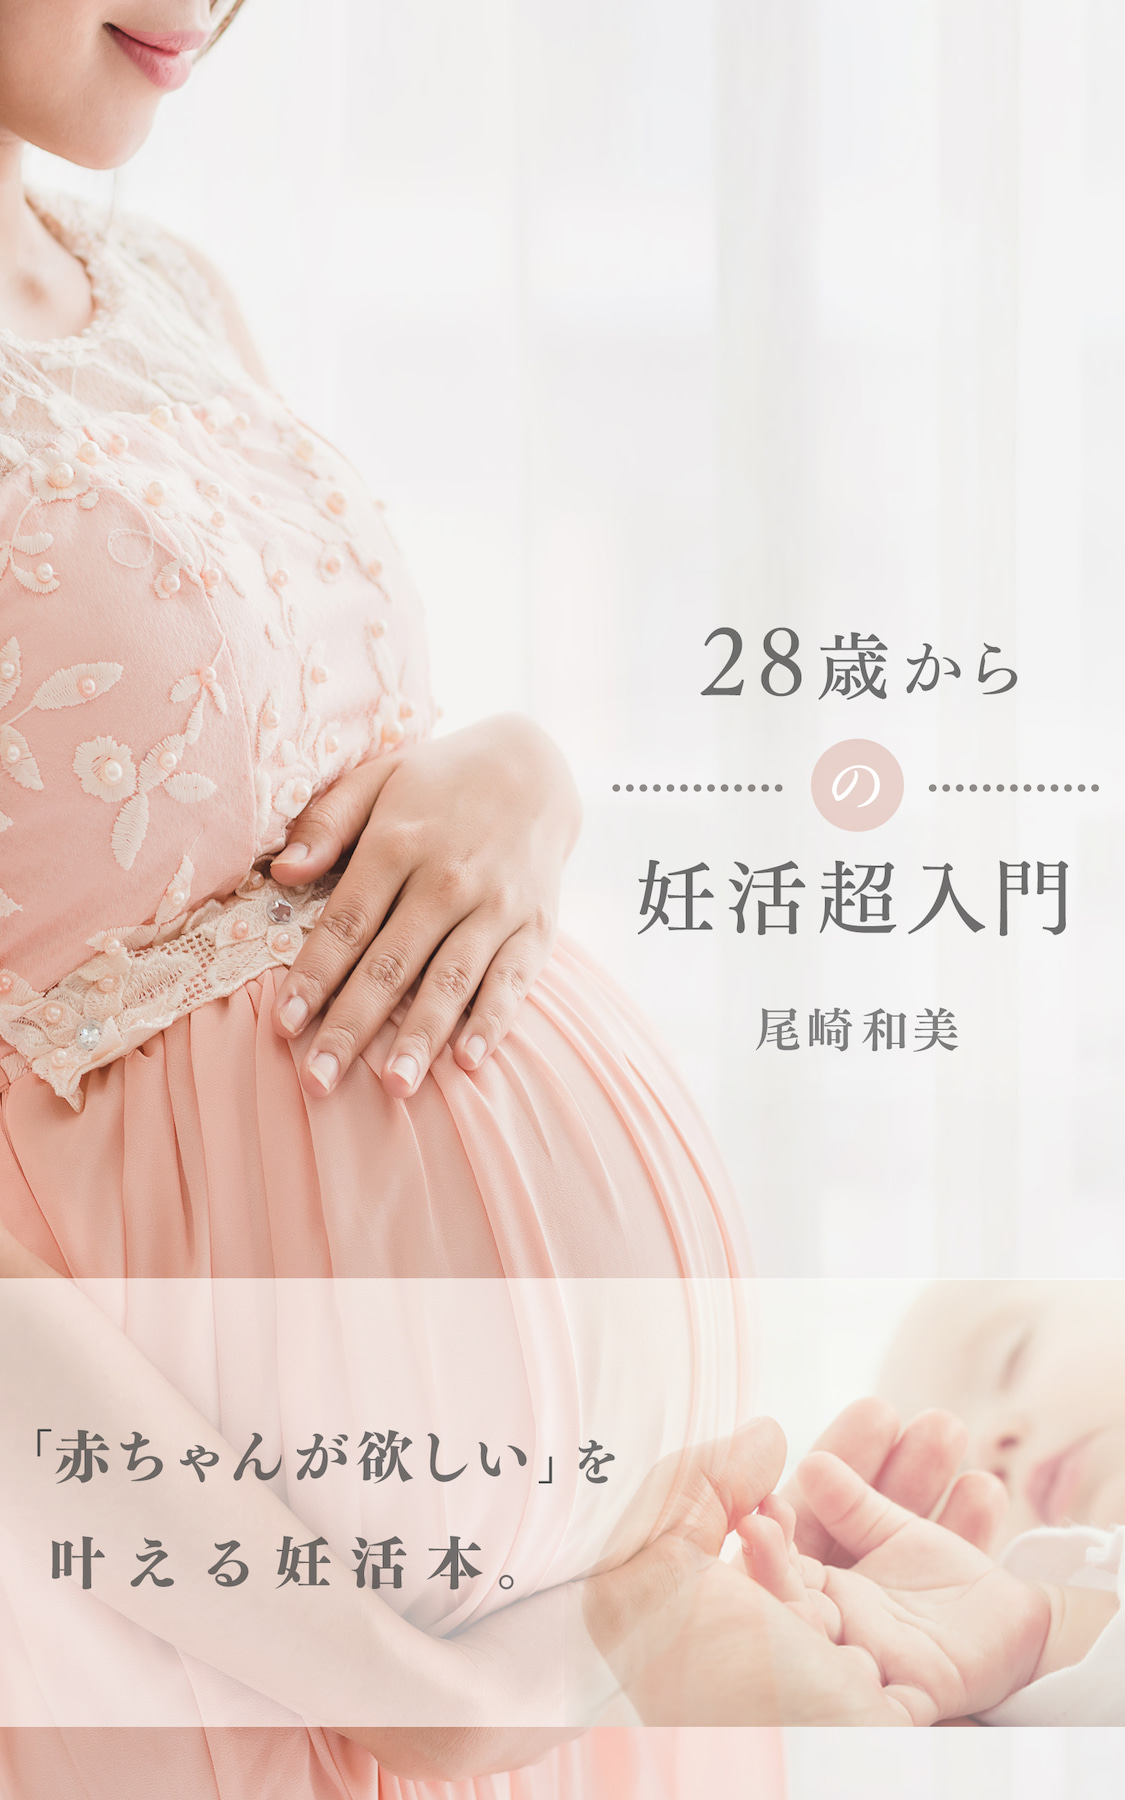 妊活中「赤ちゃんが欲しい」のに夫婦での話し合いがなかなかできない時のヒントや工夫:何考えてるの?の記事より